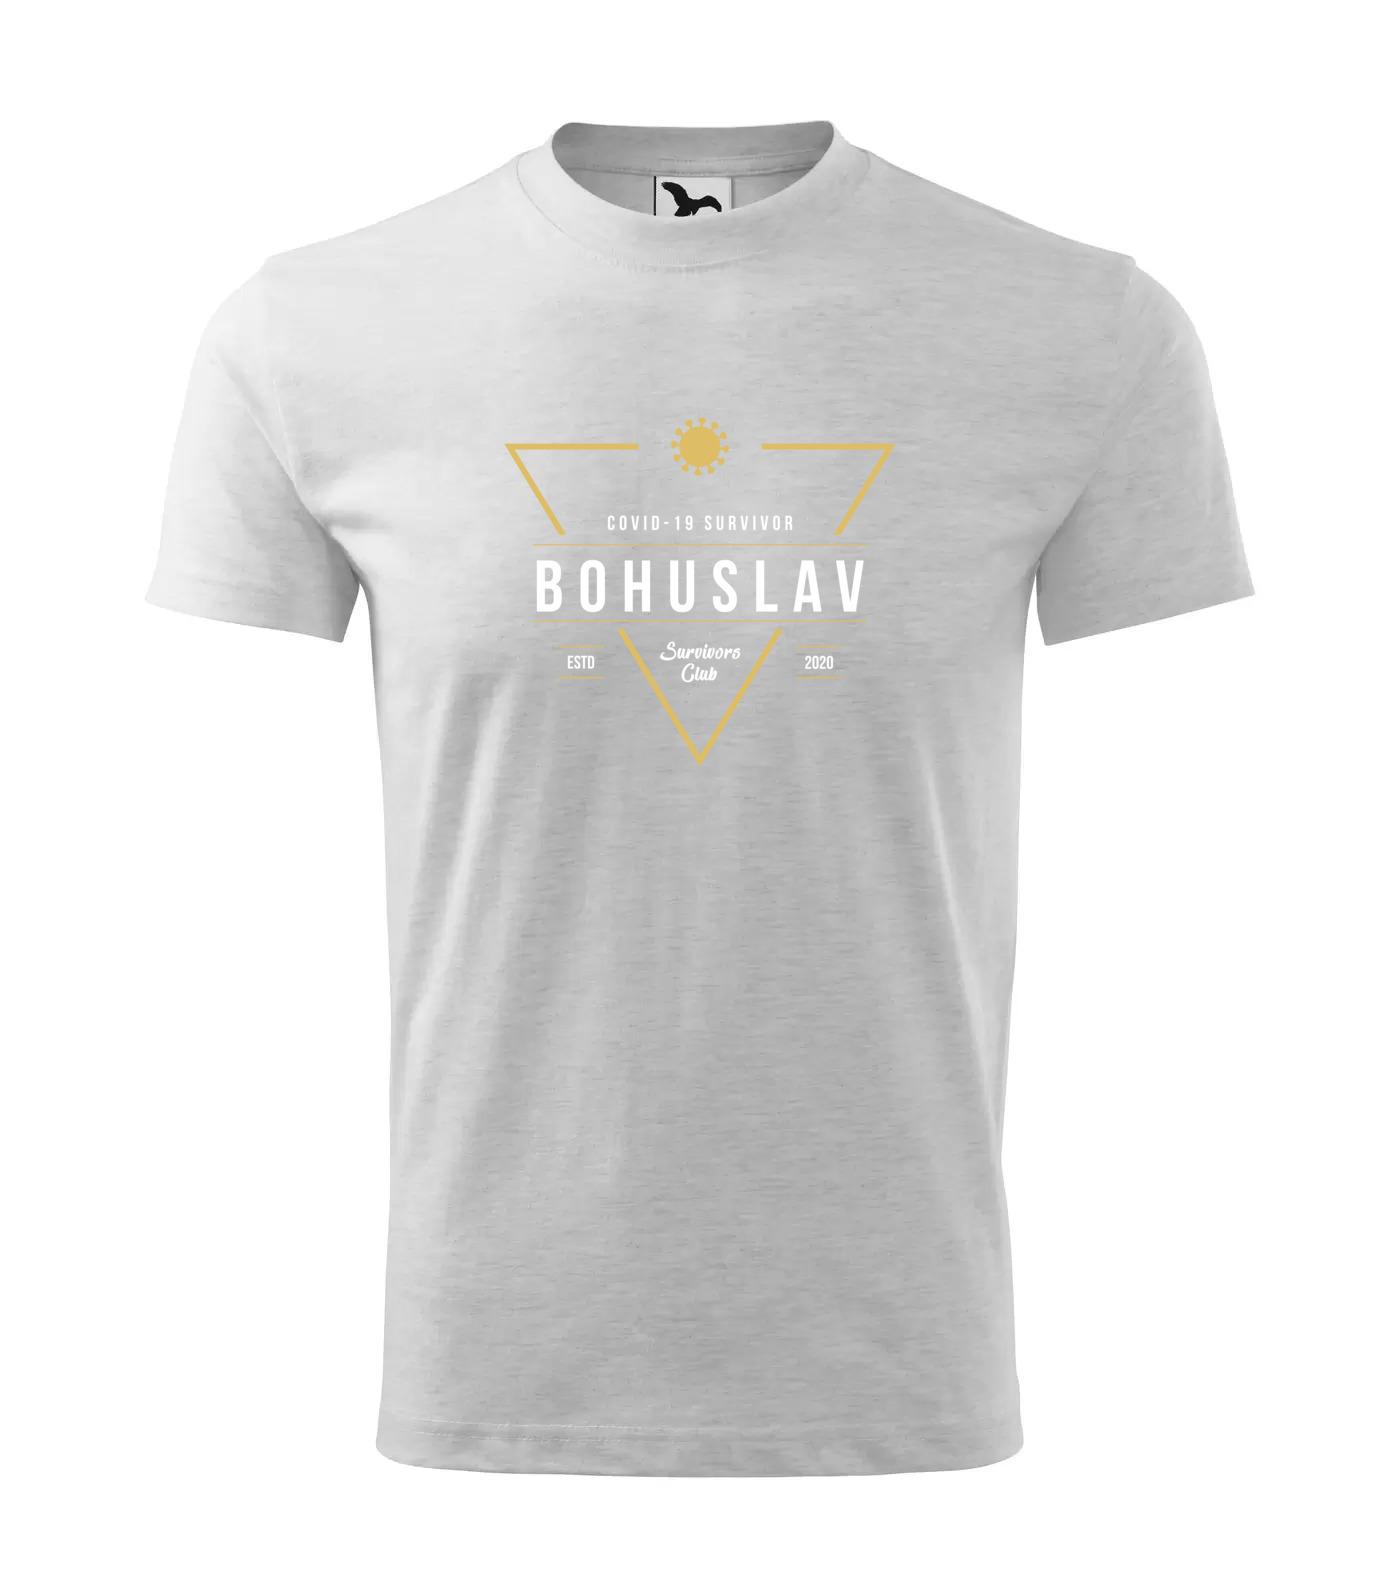 Tričko Survivor Club Bohuslav